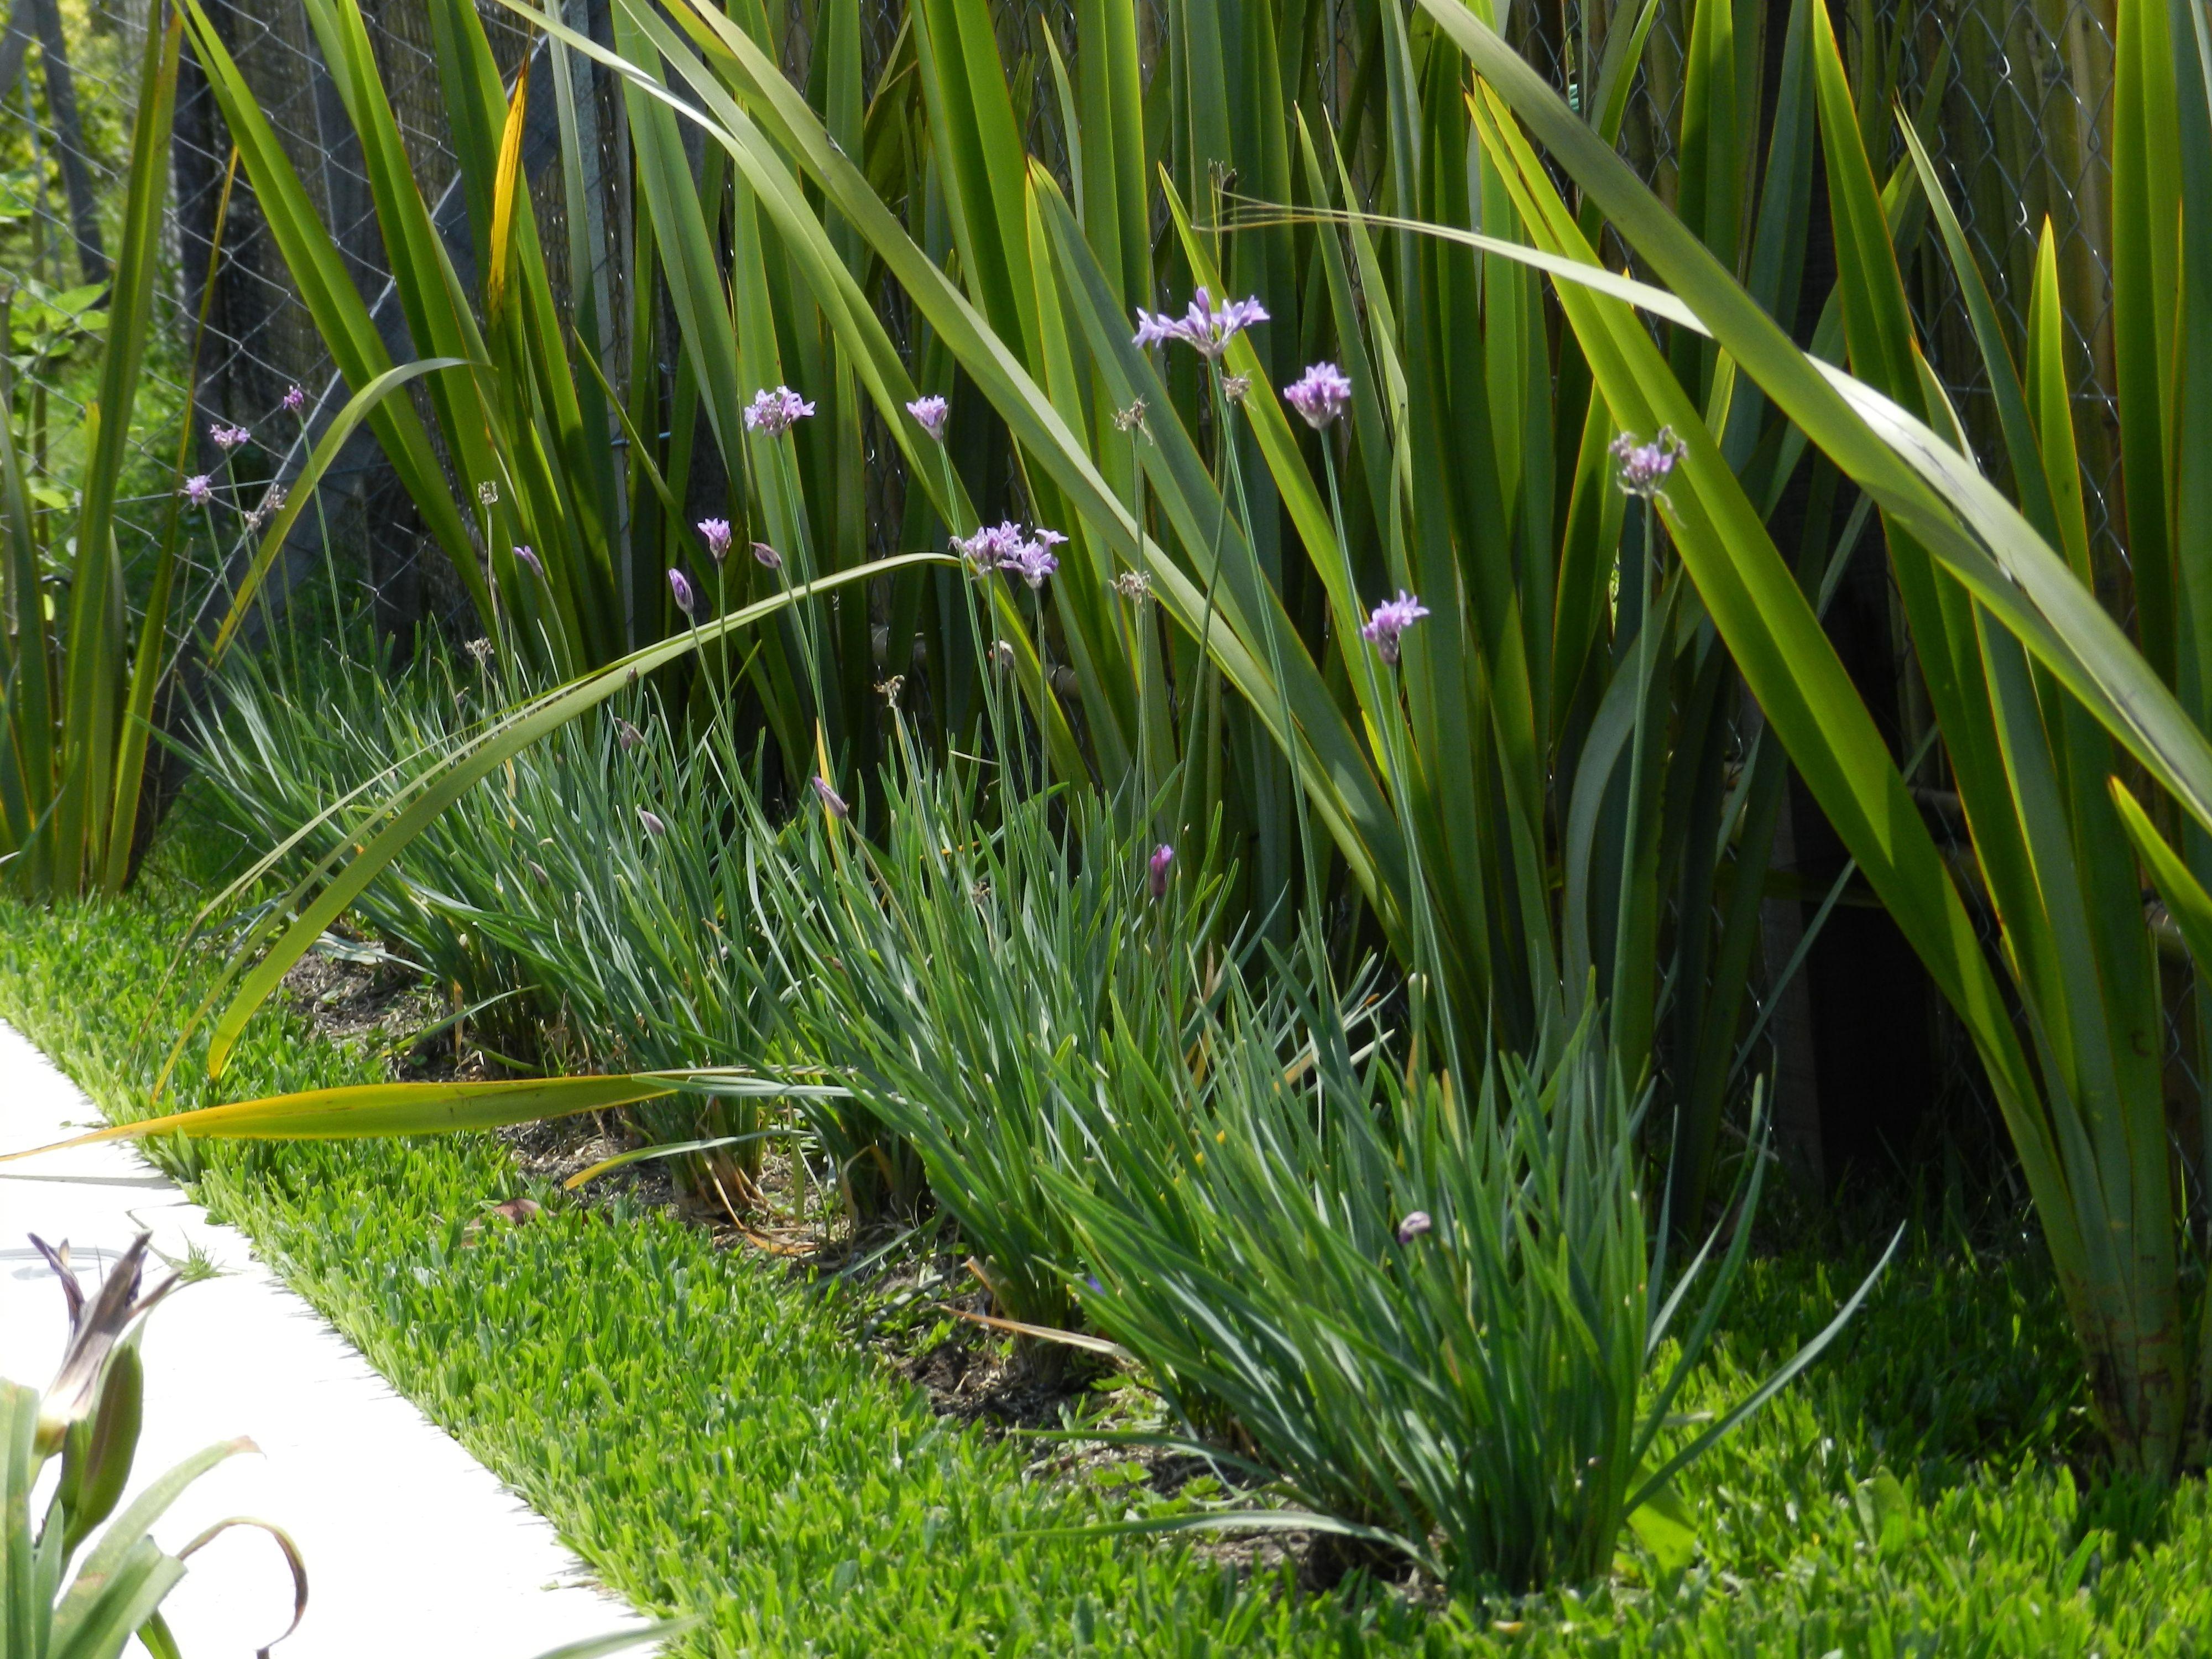 Tulbalgias delante de phormium tenax jardin y pergola for Arbustos enanos para jardin